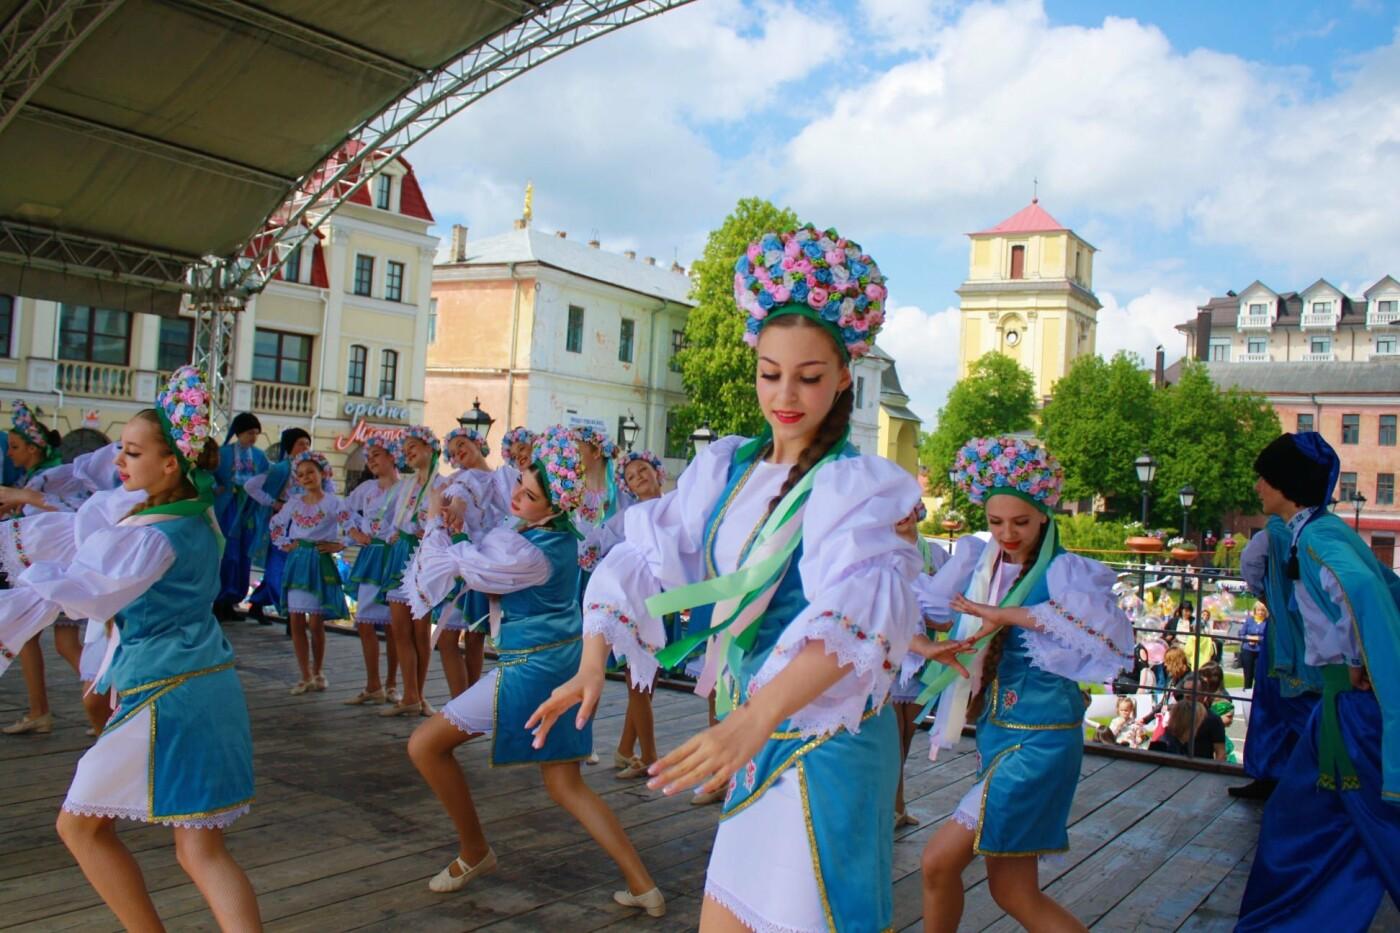 Кам'янець-Подільський святкує День міста, фото-2, Фото: Кам'янець-Подільська міська рада